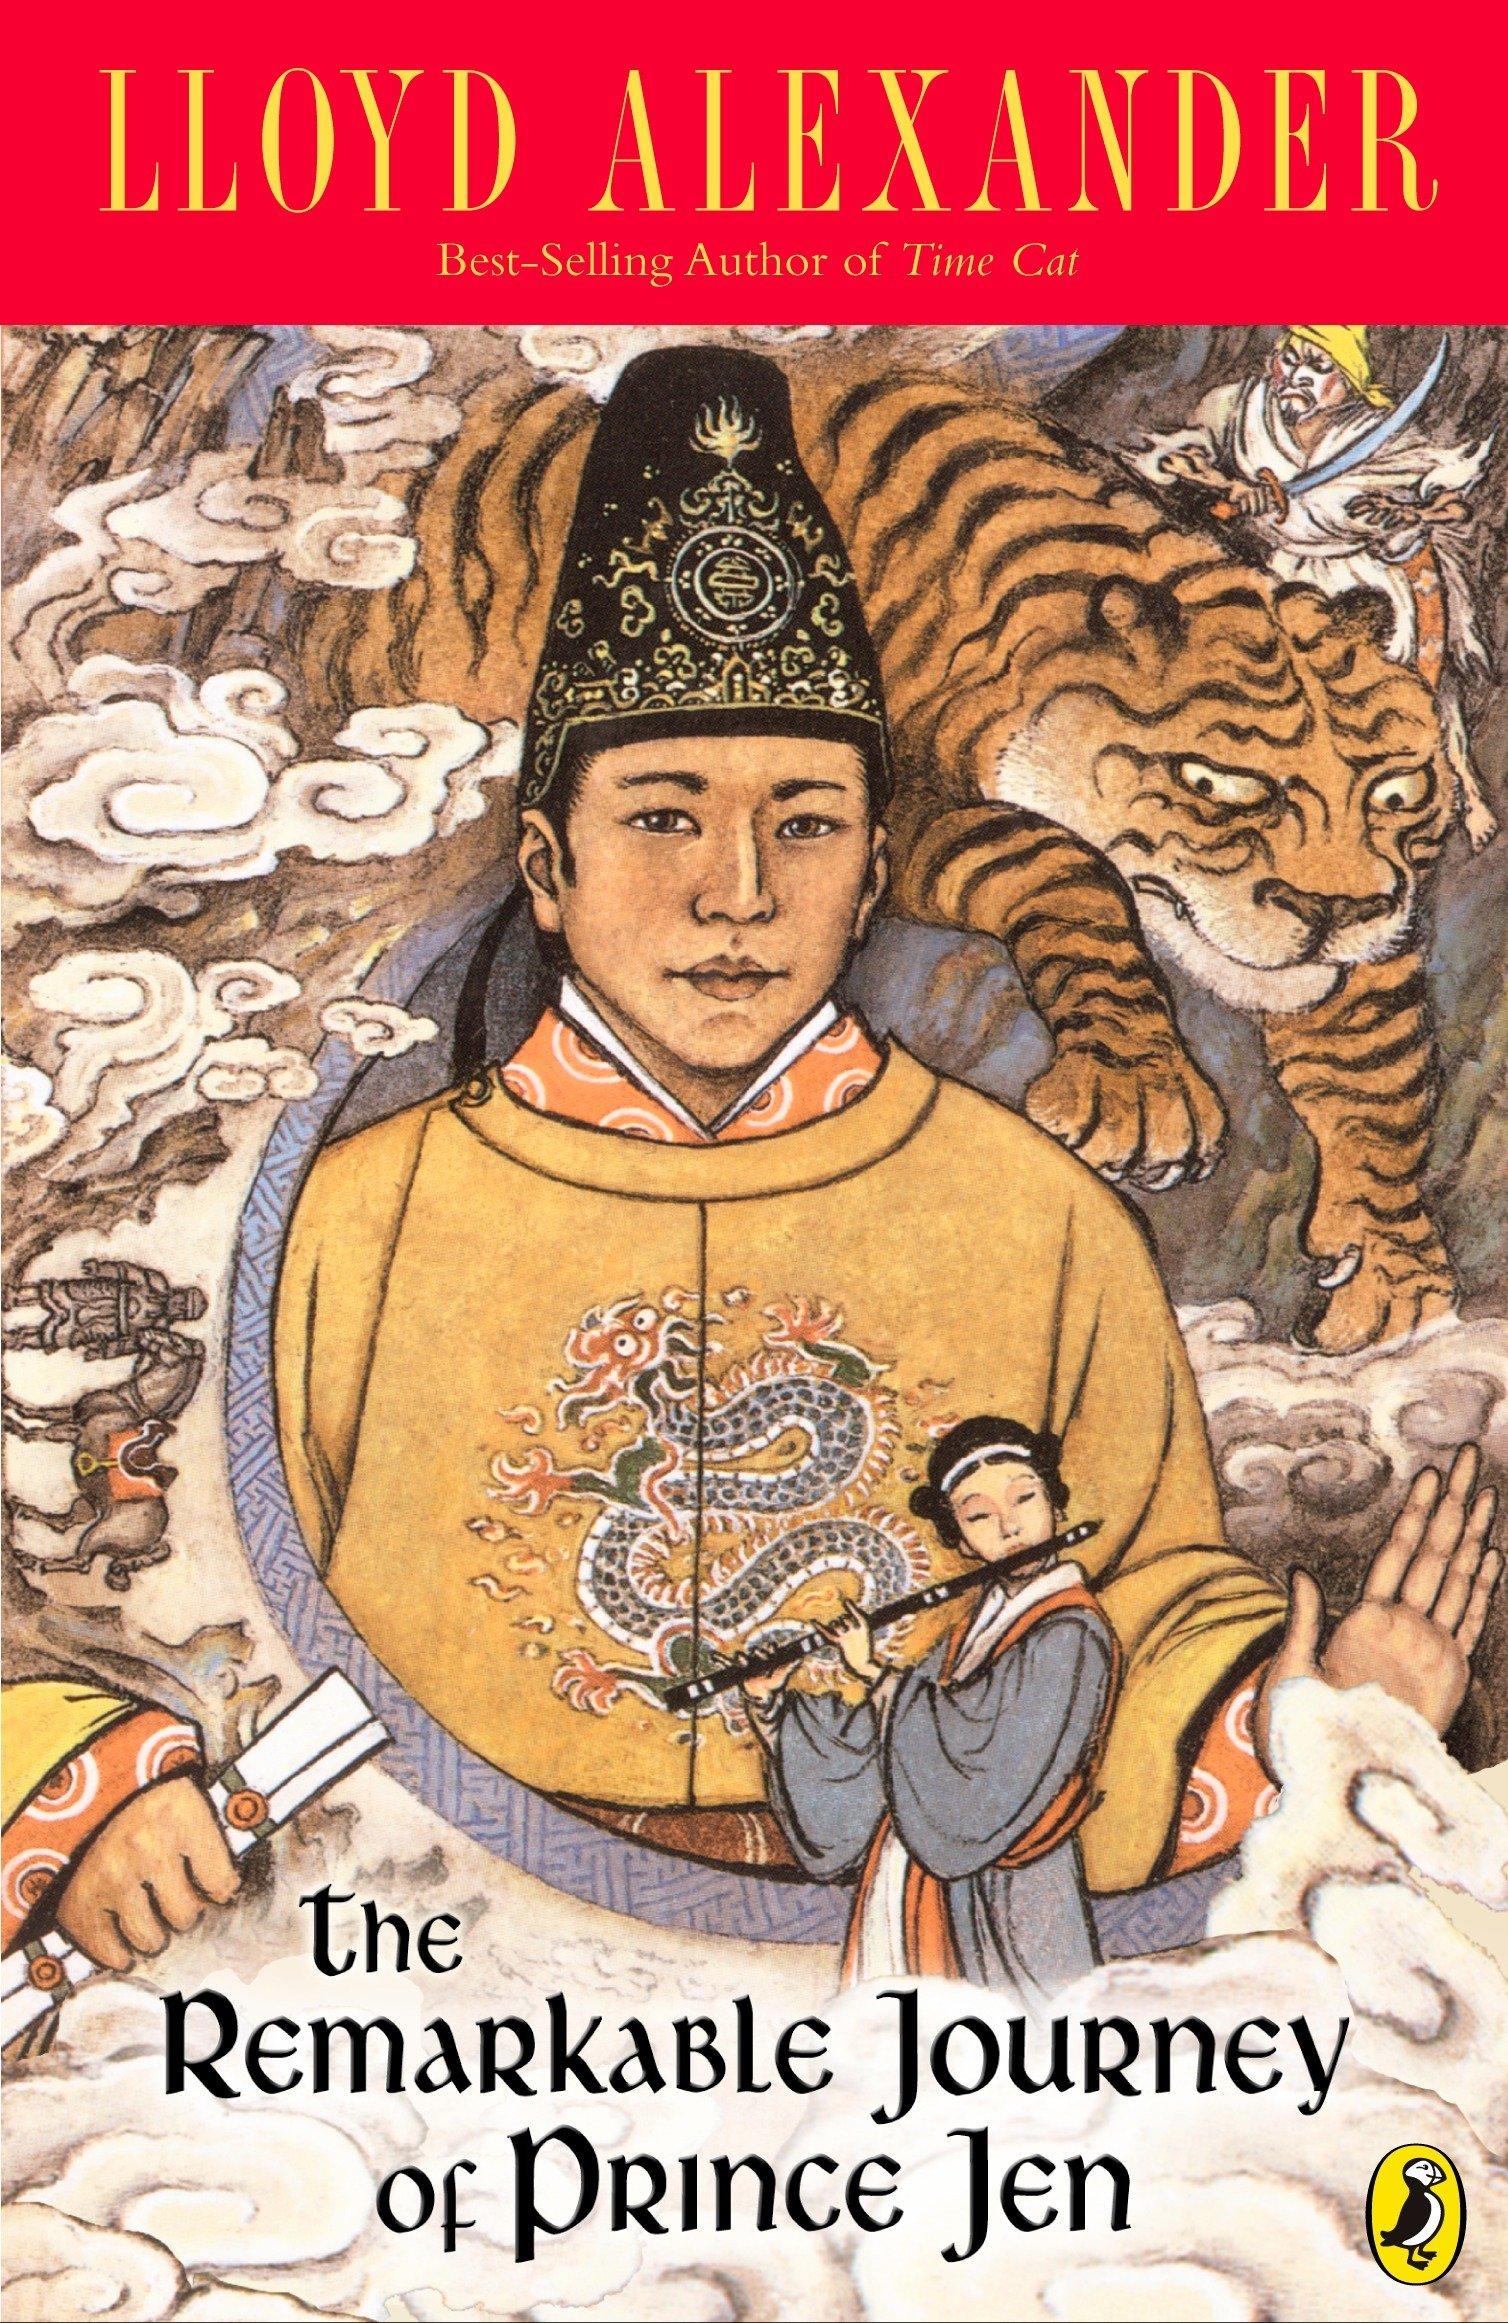 Image result for remarkable journey of prince jen